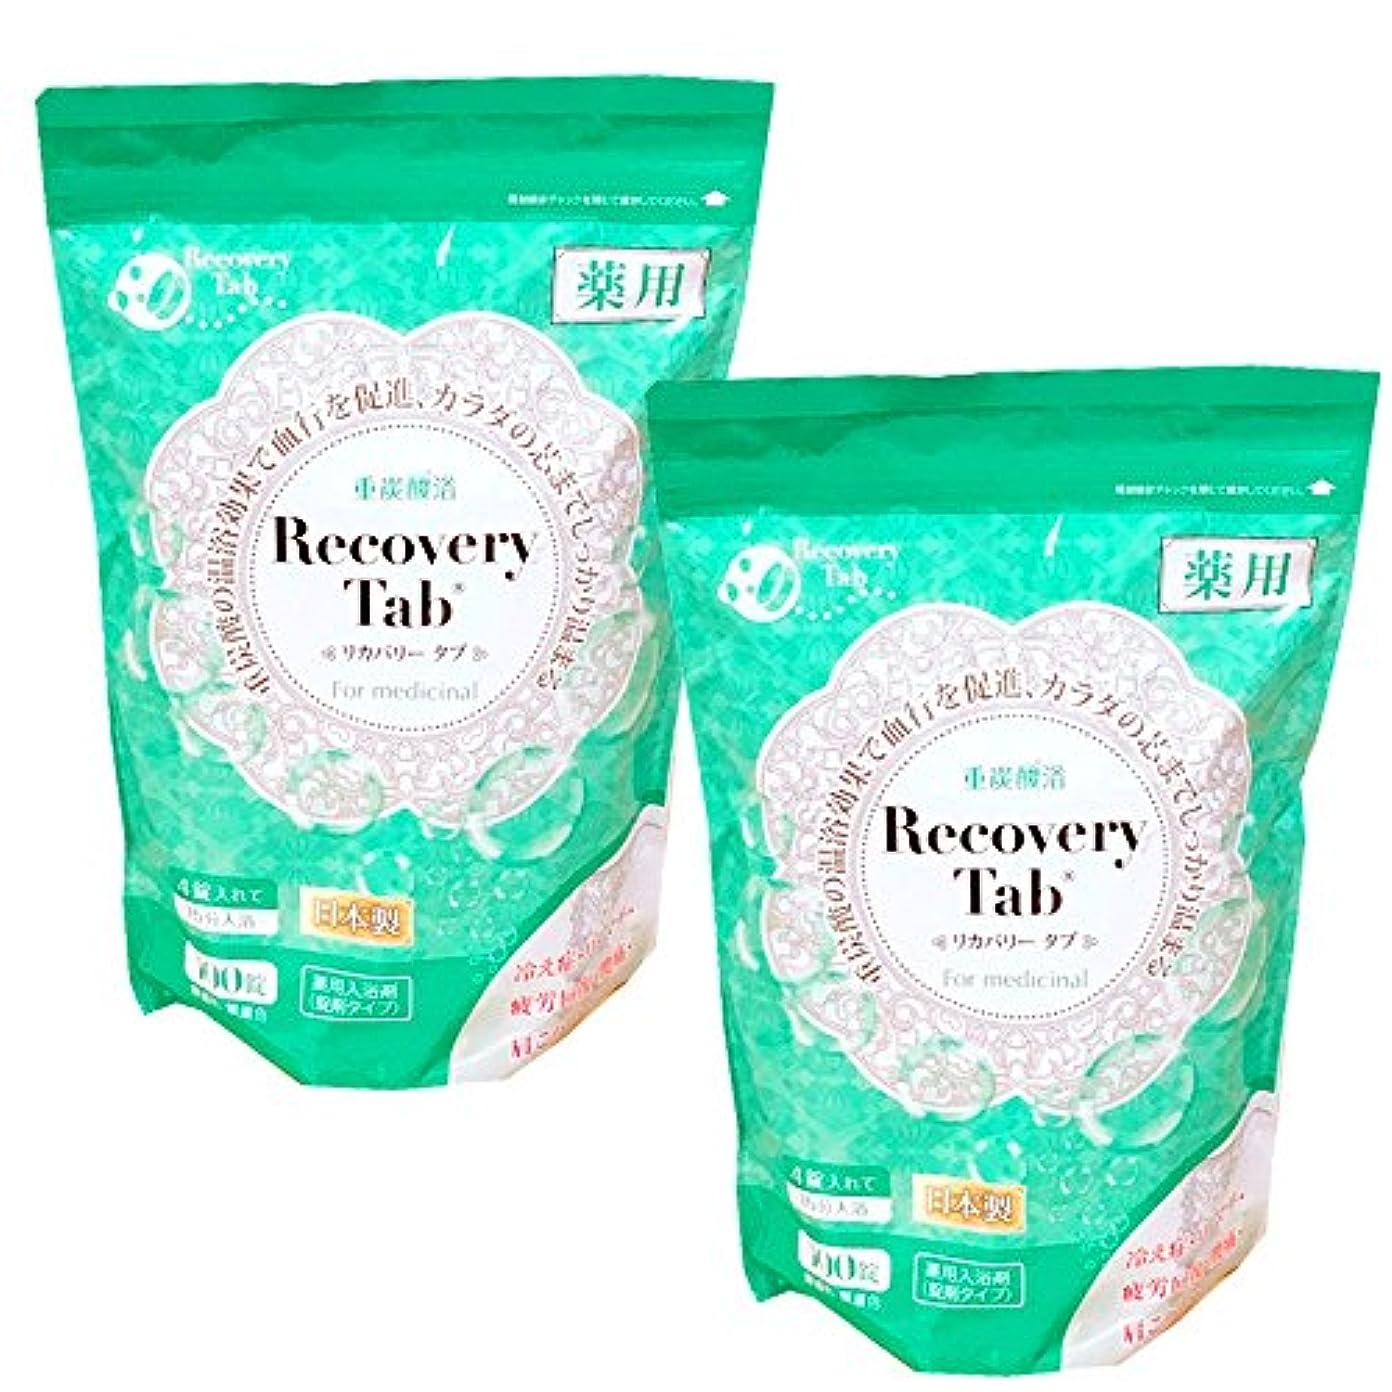 もの郵便物離れて【Recovery Tab 正規販売店】 薬用 Recovery Tab リカバリータブ 重炭酸浴 医薬部外品 100錠入 2個セット